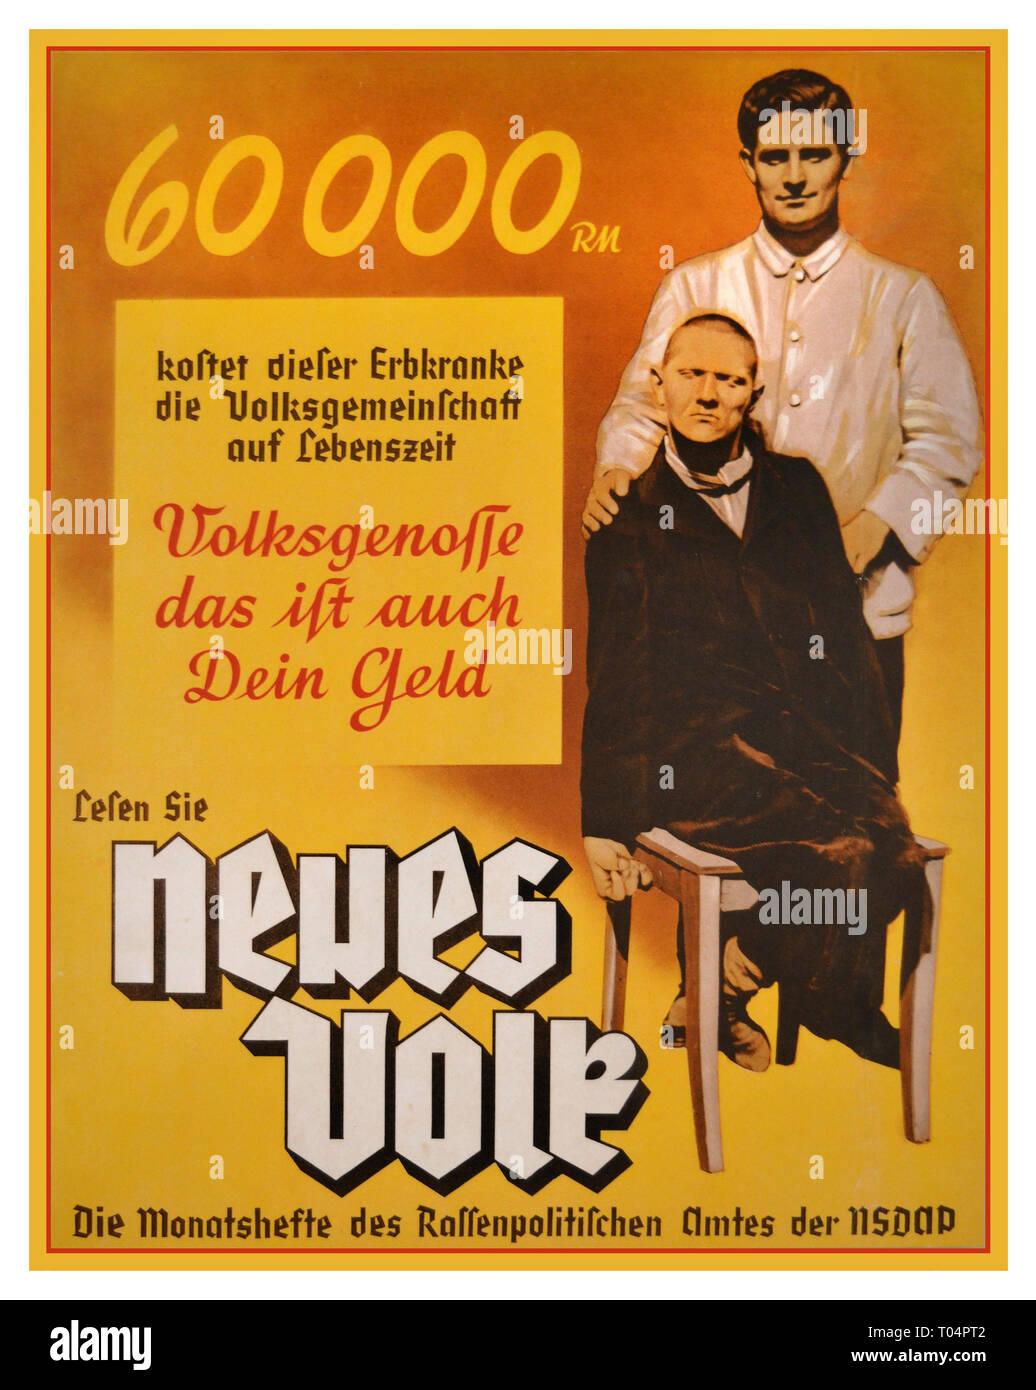 """Cartel de propaganda nazi de 1938 para la revista mensual """"Neues Volk"""" (el nuevo pueblo) publicado por el partido nazi Goebbels 'racial', de la Oficina de la policía de la """"Oficina de Política Racial Nazi reproducidos' 'la doctrina racial"""" en una variedad de maneras. En carteles y publicaciones, contrastó el ideal de los sanos, capaces, y """"racialmente pura"""" alemán con los racistas y enormemente distorsionada imagen de la improductiva enfermos y discapacitados que afligen a la comunidad """"productivo Volk"""" como """"existencias de lastre."""" El cartel texto reza: """"Este defectuoso hereditario cuesta a la Comunidad Volk 60.000 RM (Reichsmark) a lo largo de su vida Imagen De Stock"""